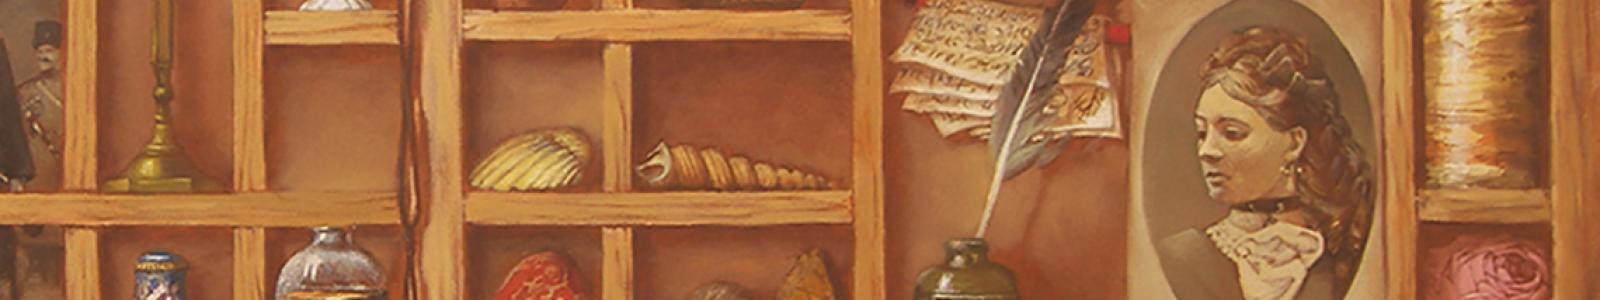 Gallery Painter Roman Musiienko